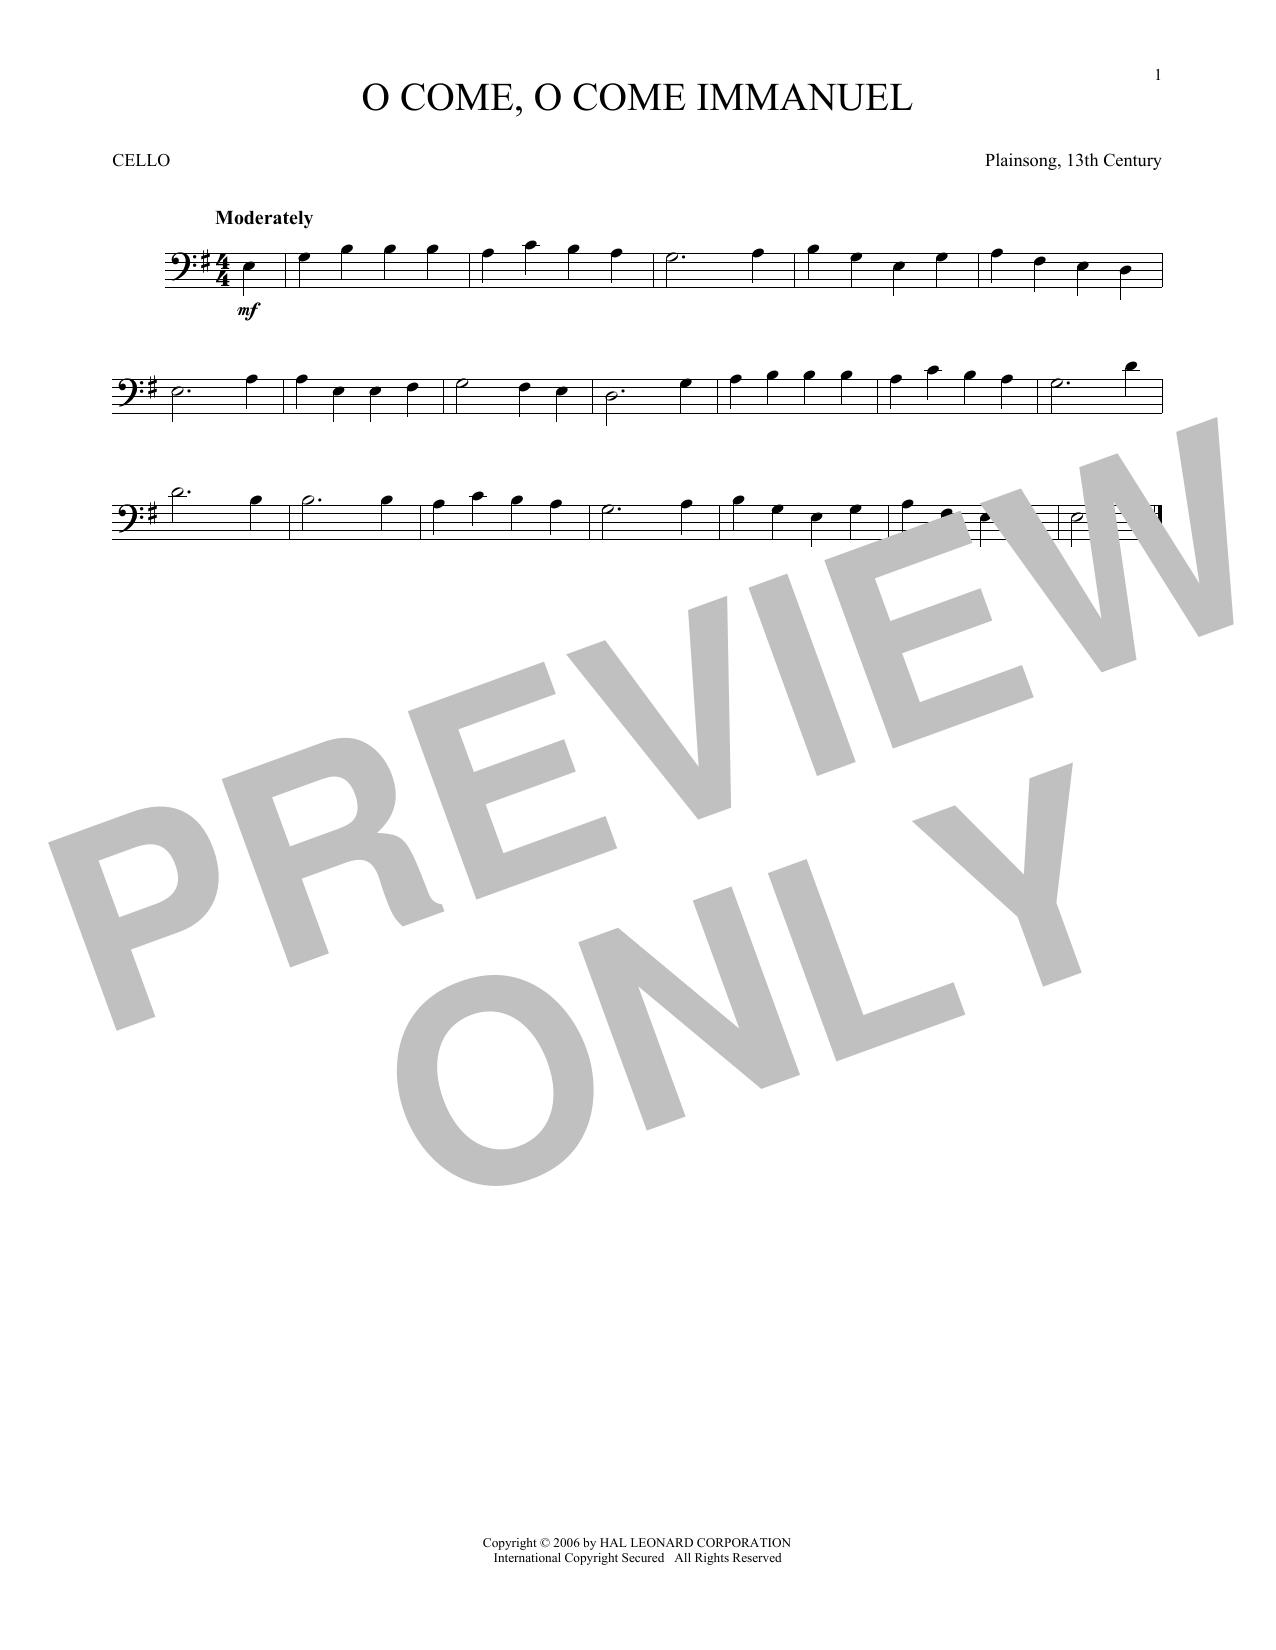 O Come, O Come Immanuel (Cello Solo)